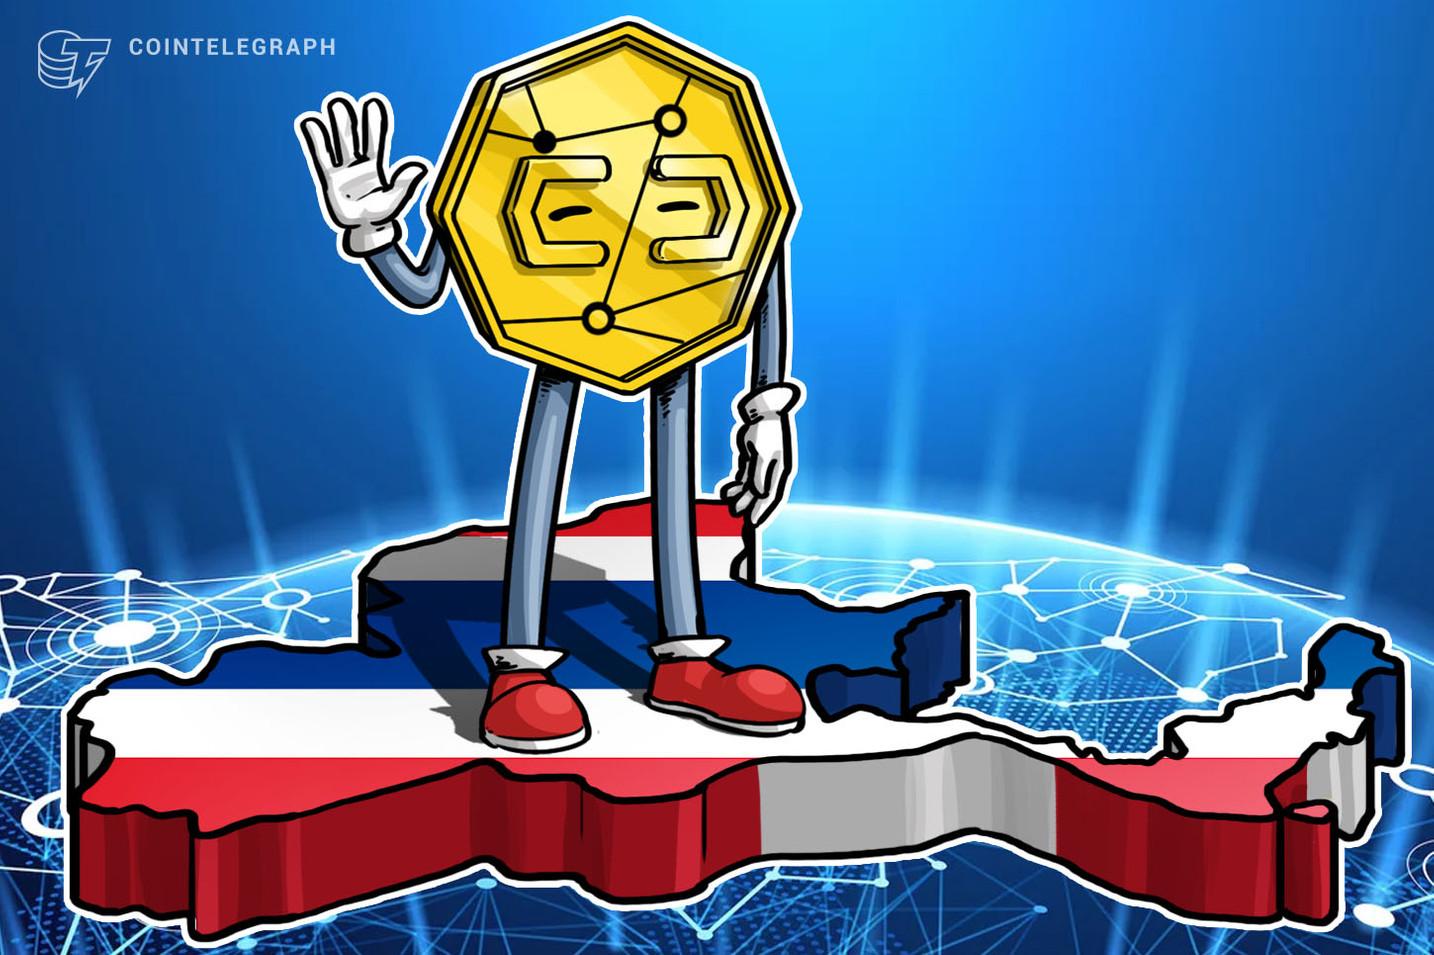 SEC tailandesa insta al público a evitar operar en criptobolsas sin licencia, ya que regulación está a punto de entrar en vigor